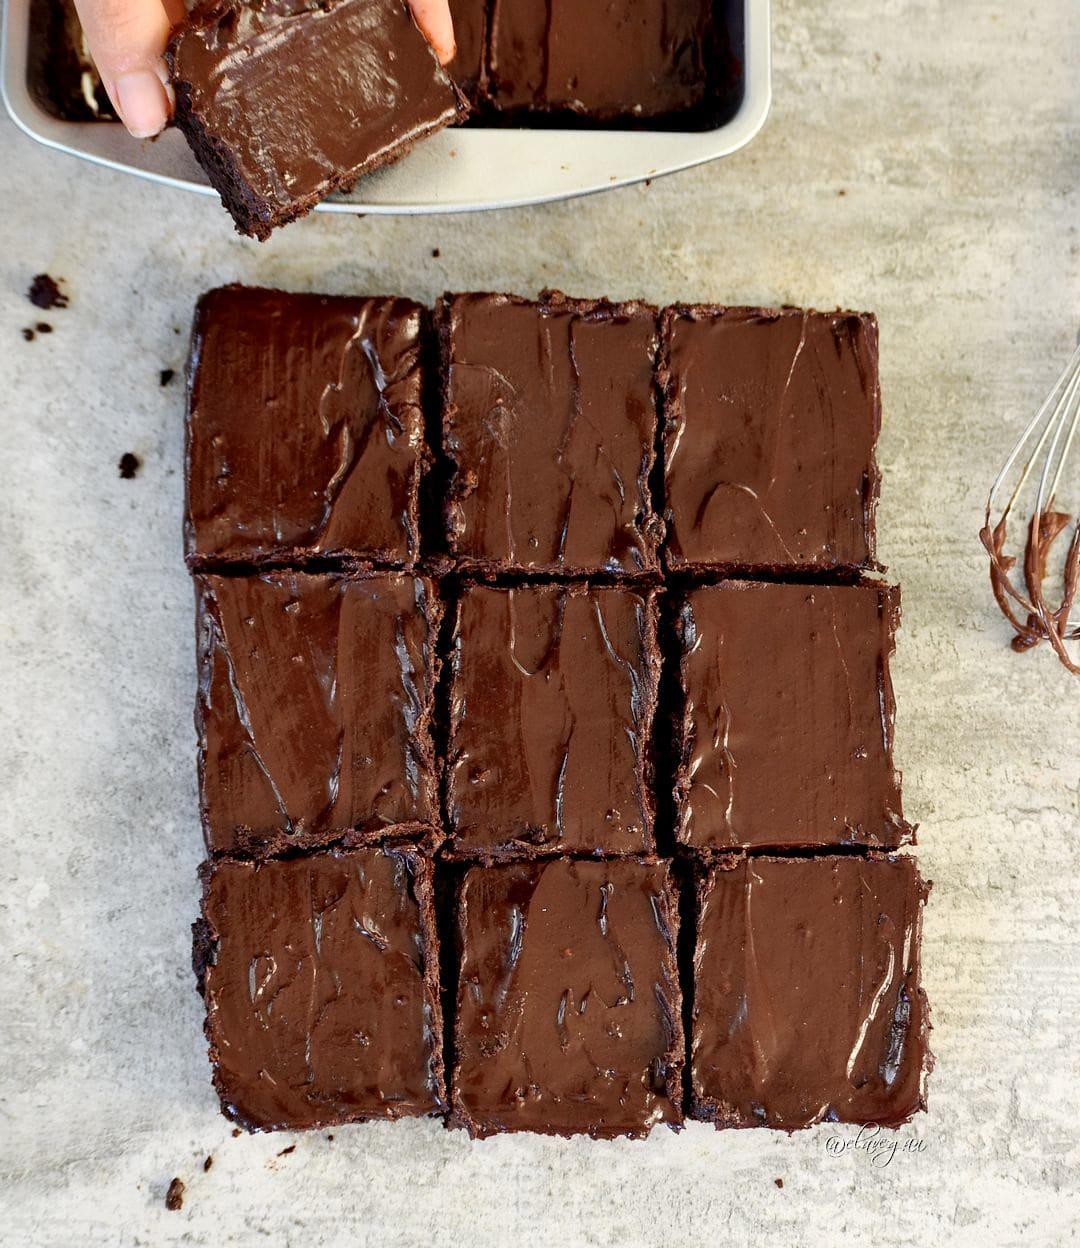 die besten brownies fettarmes Rezept, vegan und glutenfrei